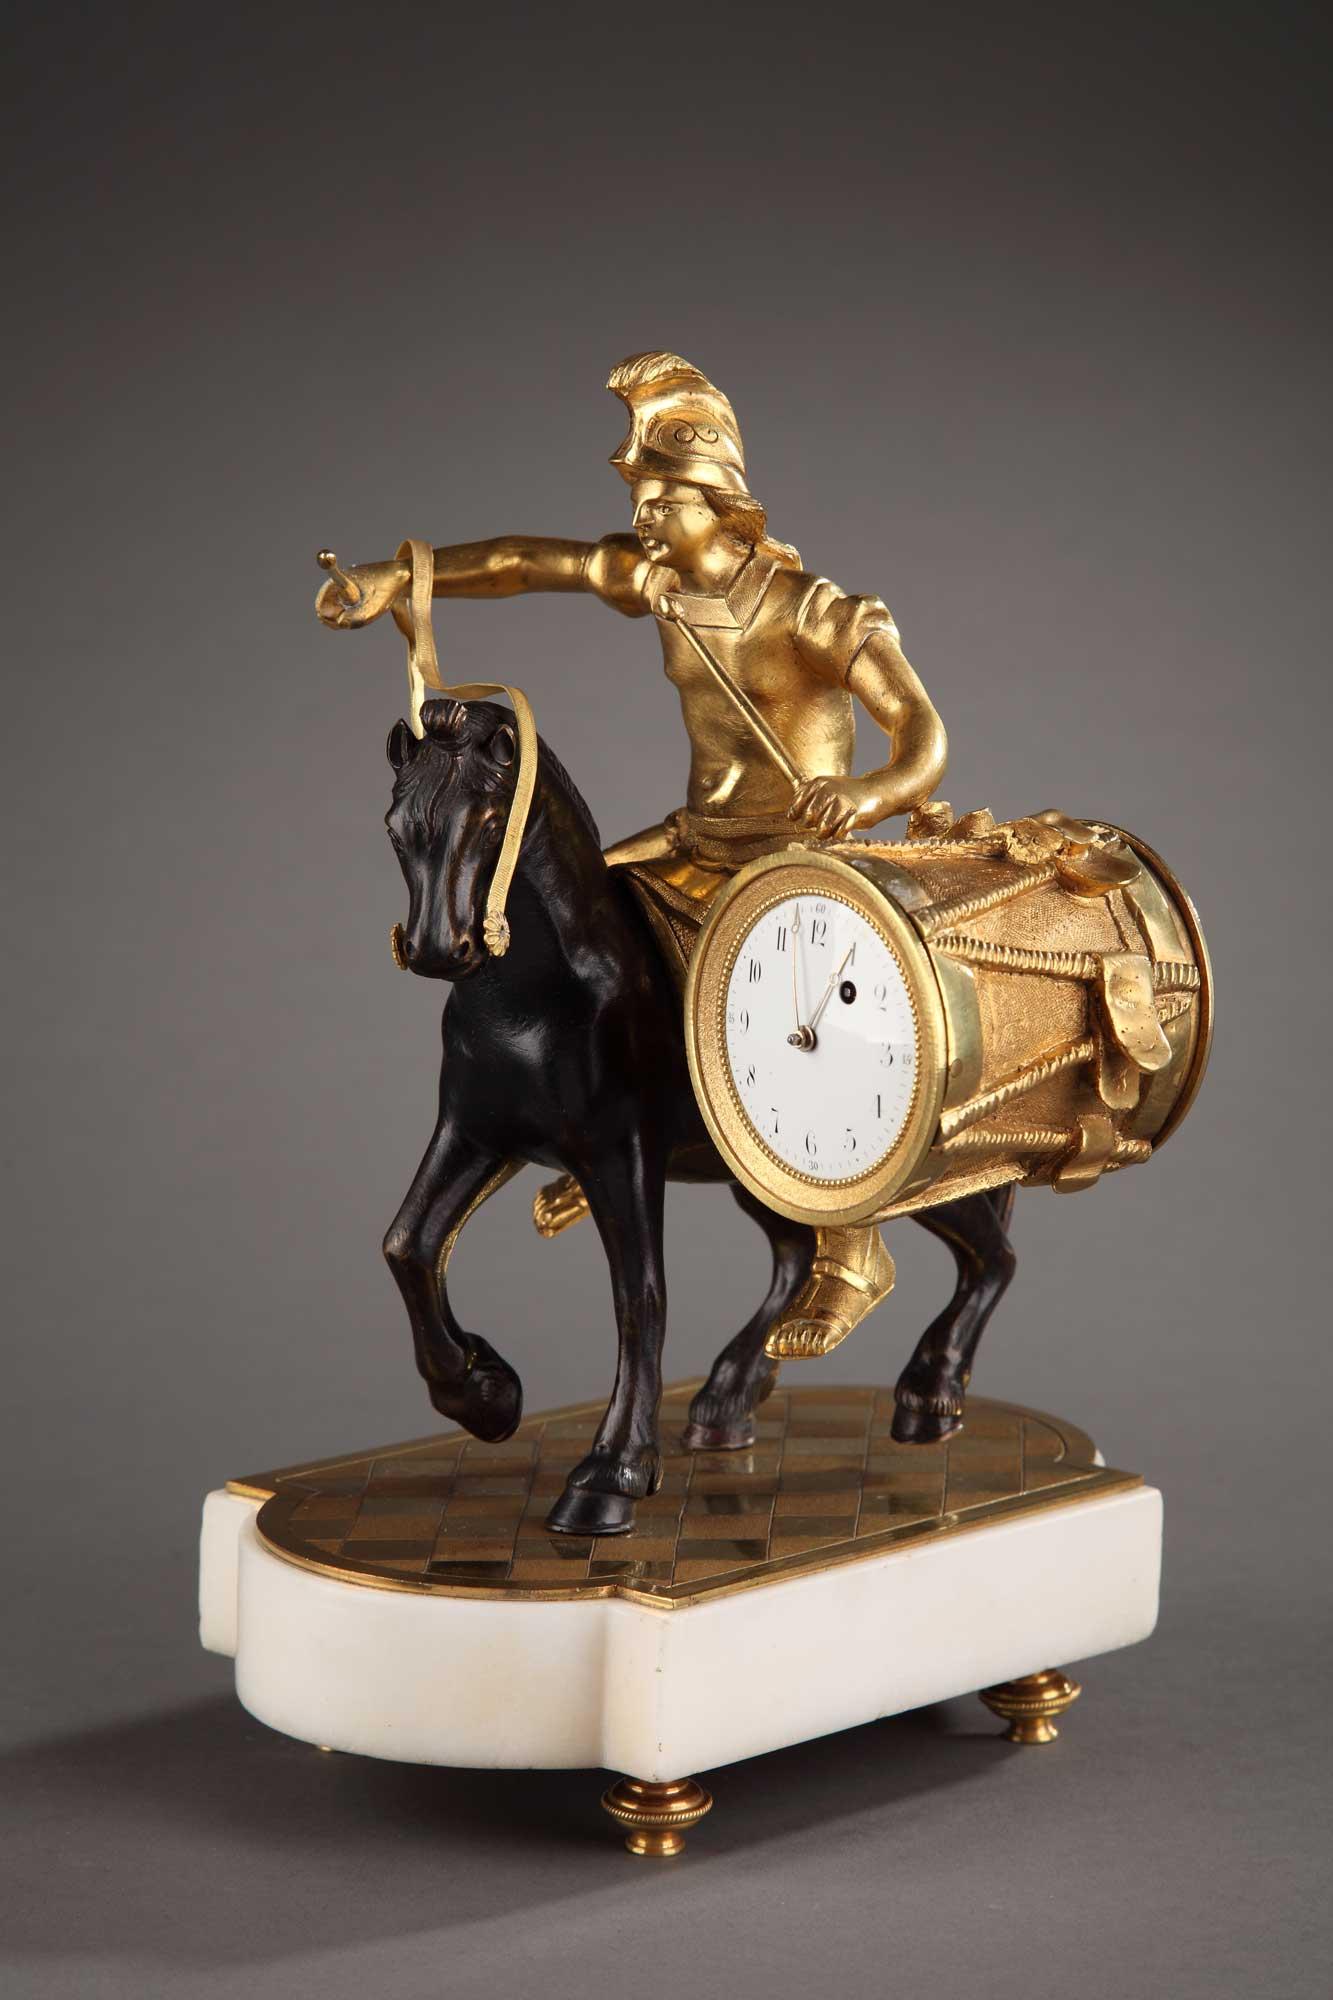 Pendulette d'époque Louis XVI en bronze doré ciselé et patiné. Mouvement de montre à coq. Base en marbre blanc sur 4 patins.